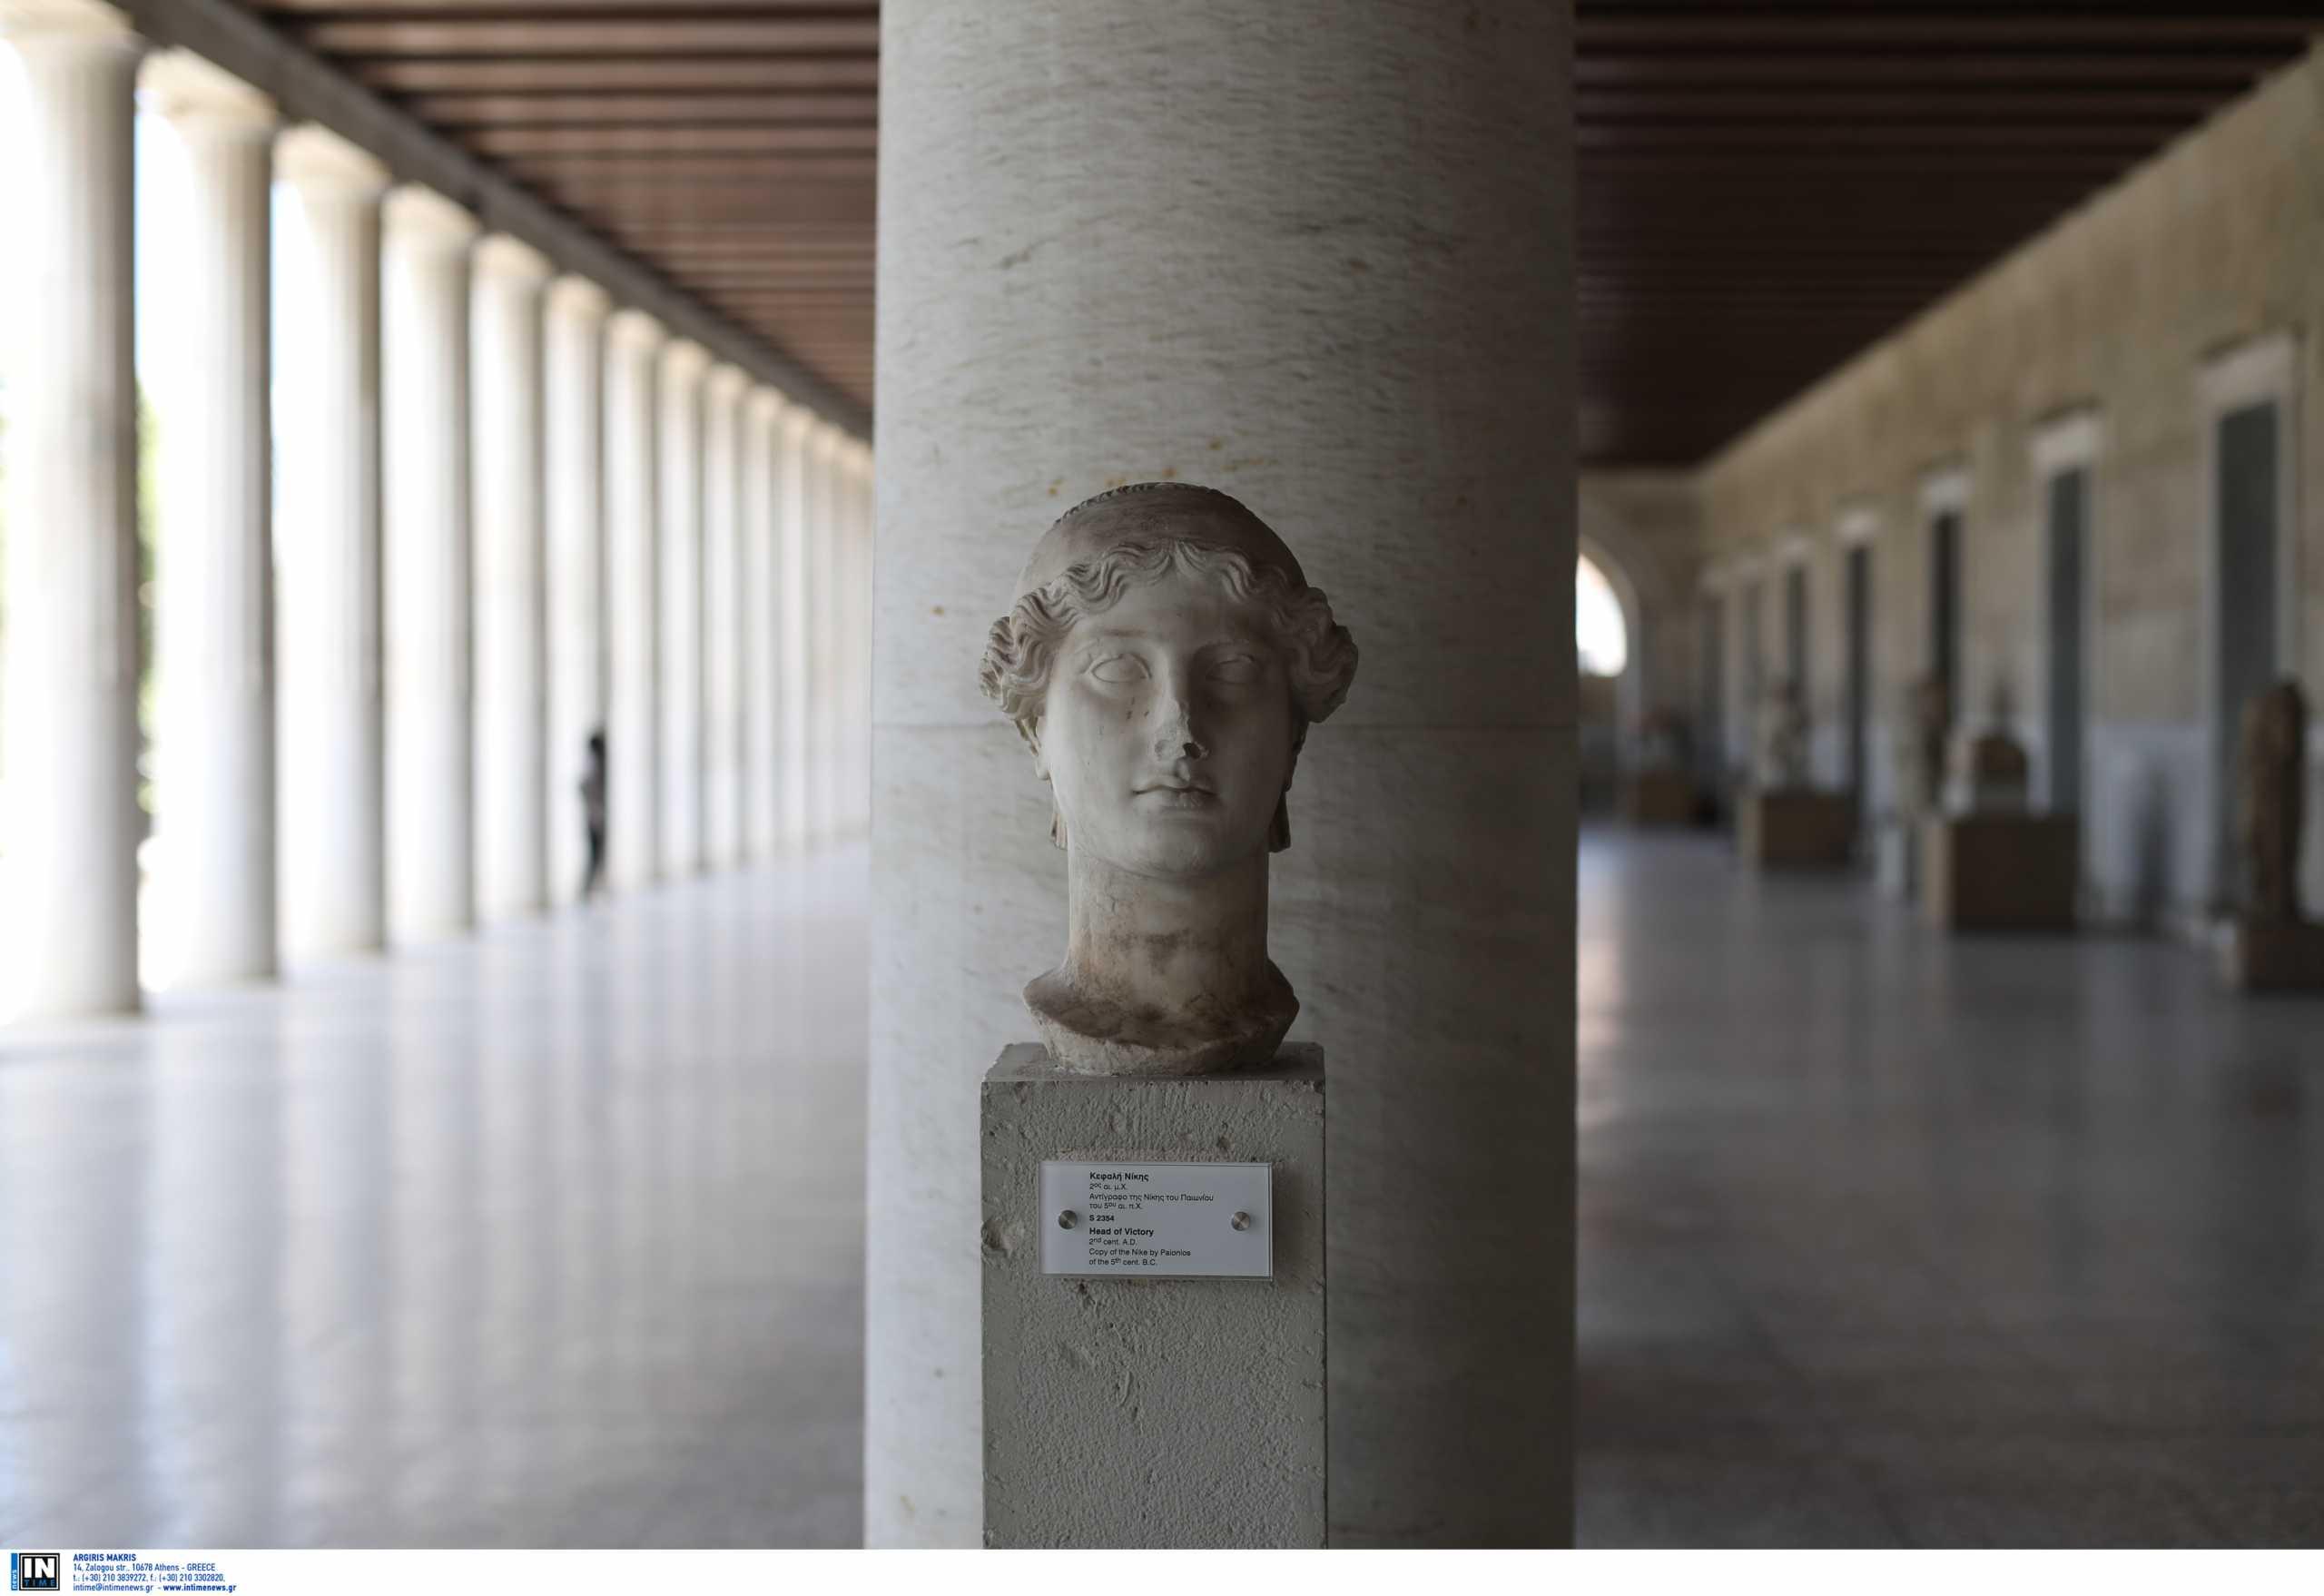 Άφιξη μετ' εμποδίων για την Ούρσουλα φον ντερ Λάιεν στην Αθήνα – Άλλαξε ώρα η εκδήλωση στην Αρχαία Αγορά